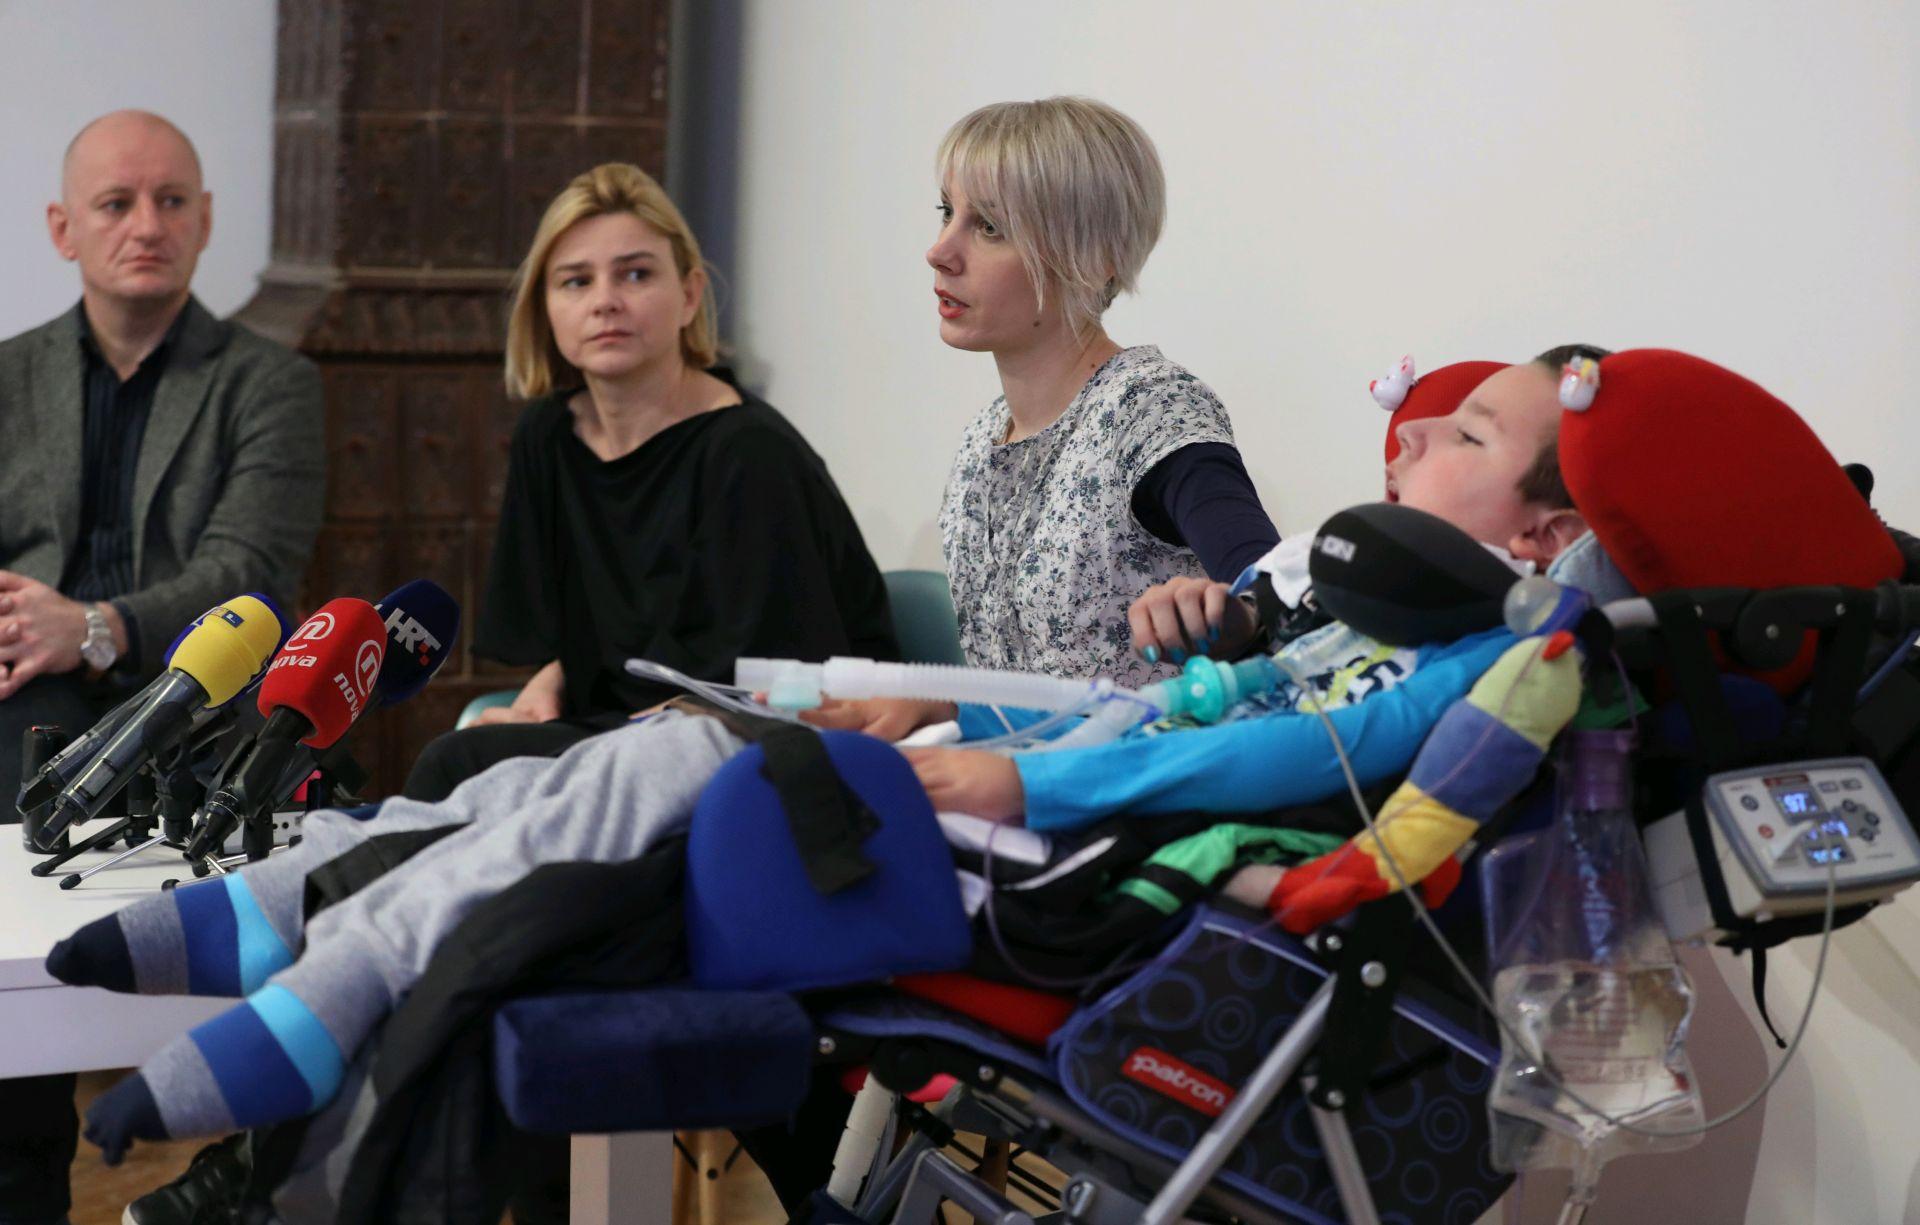 'Odluka o Spinrazi na listi lijekova diskriminira djecu na respiratoru'